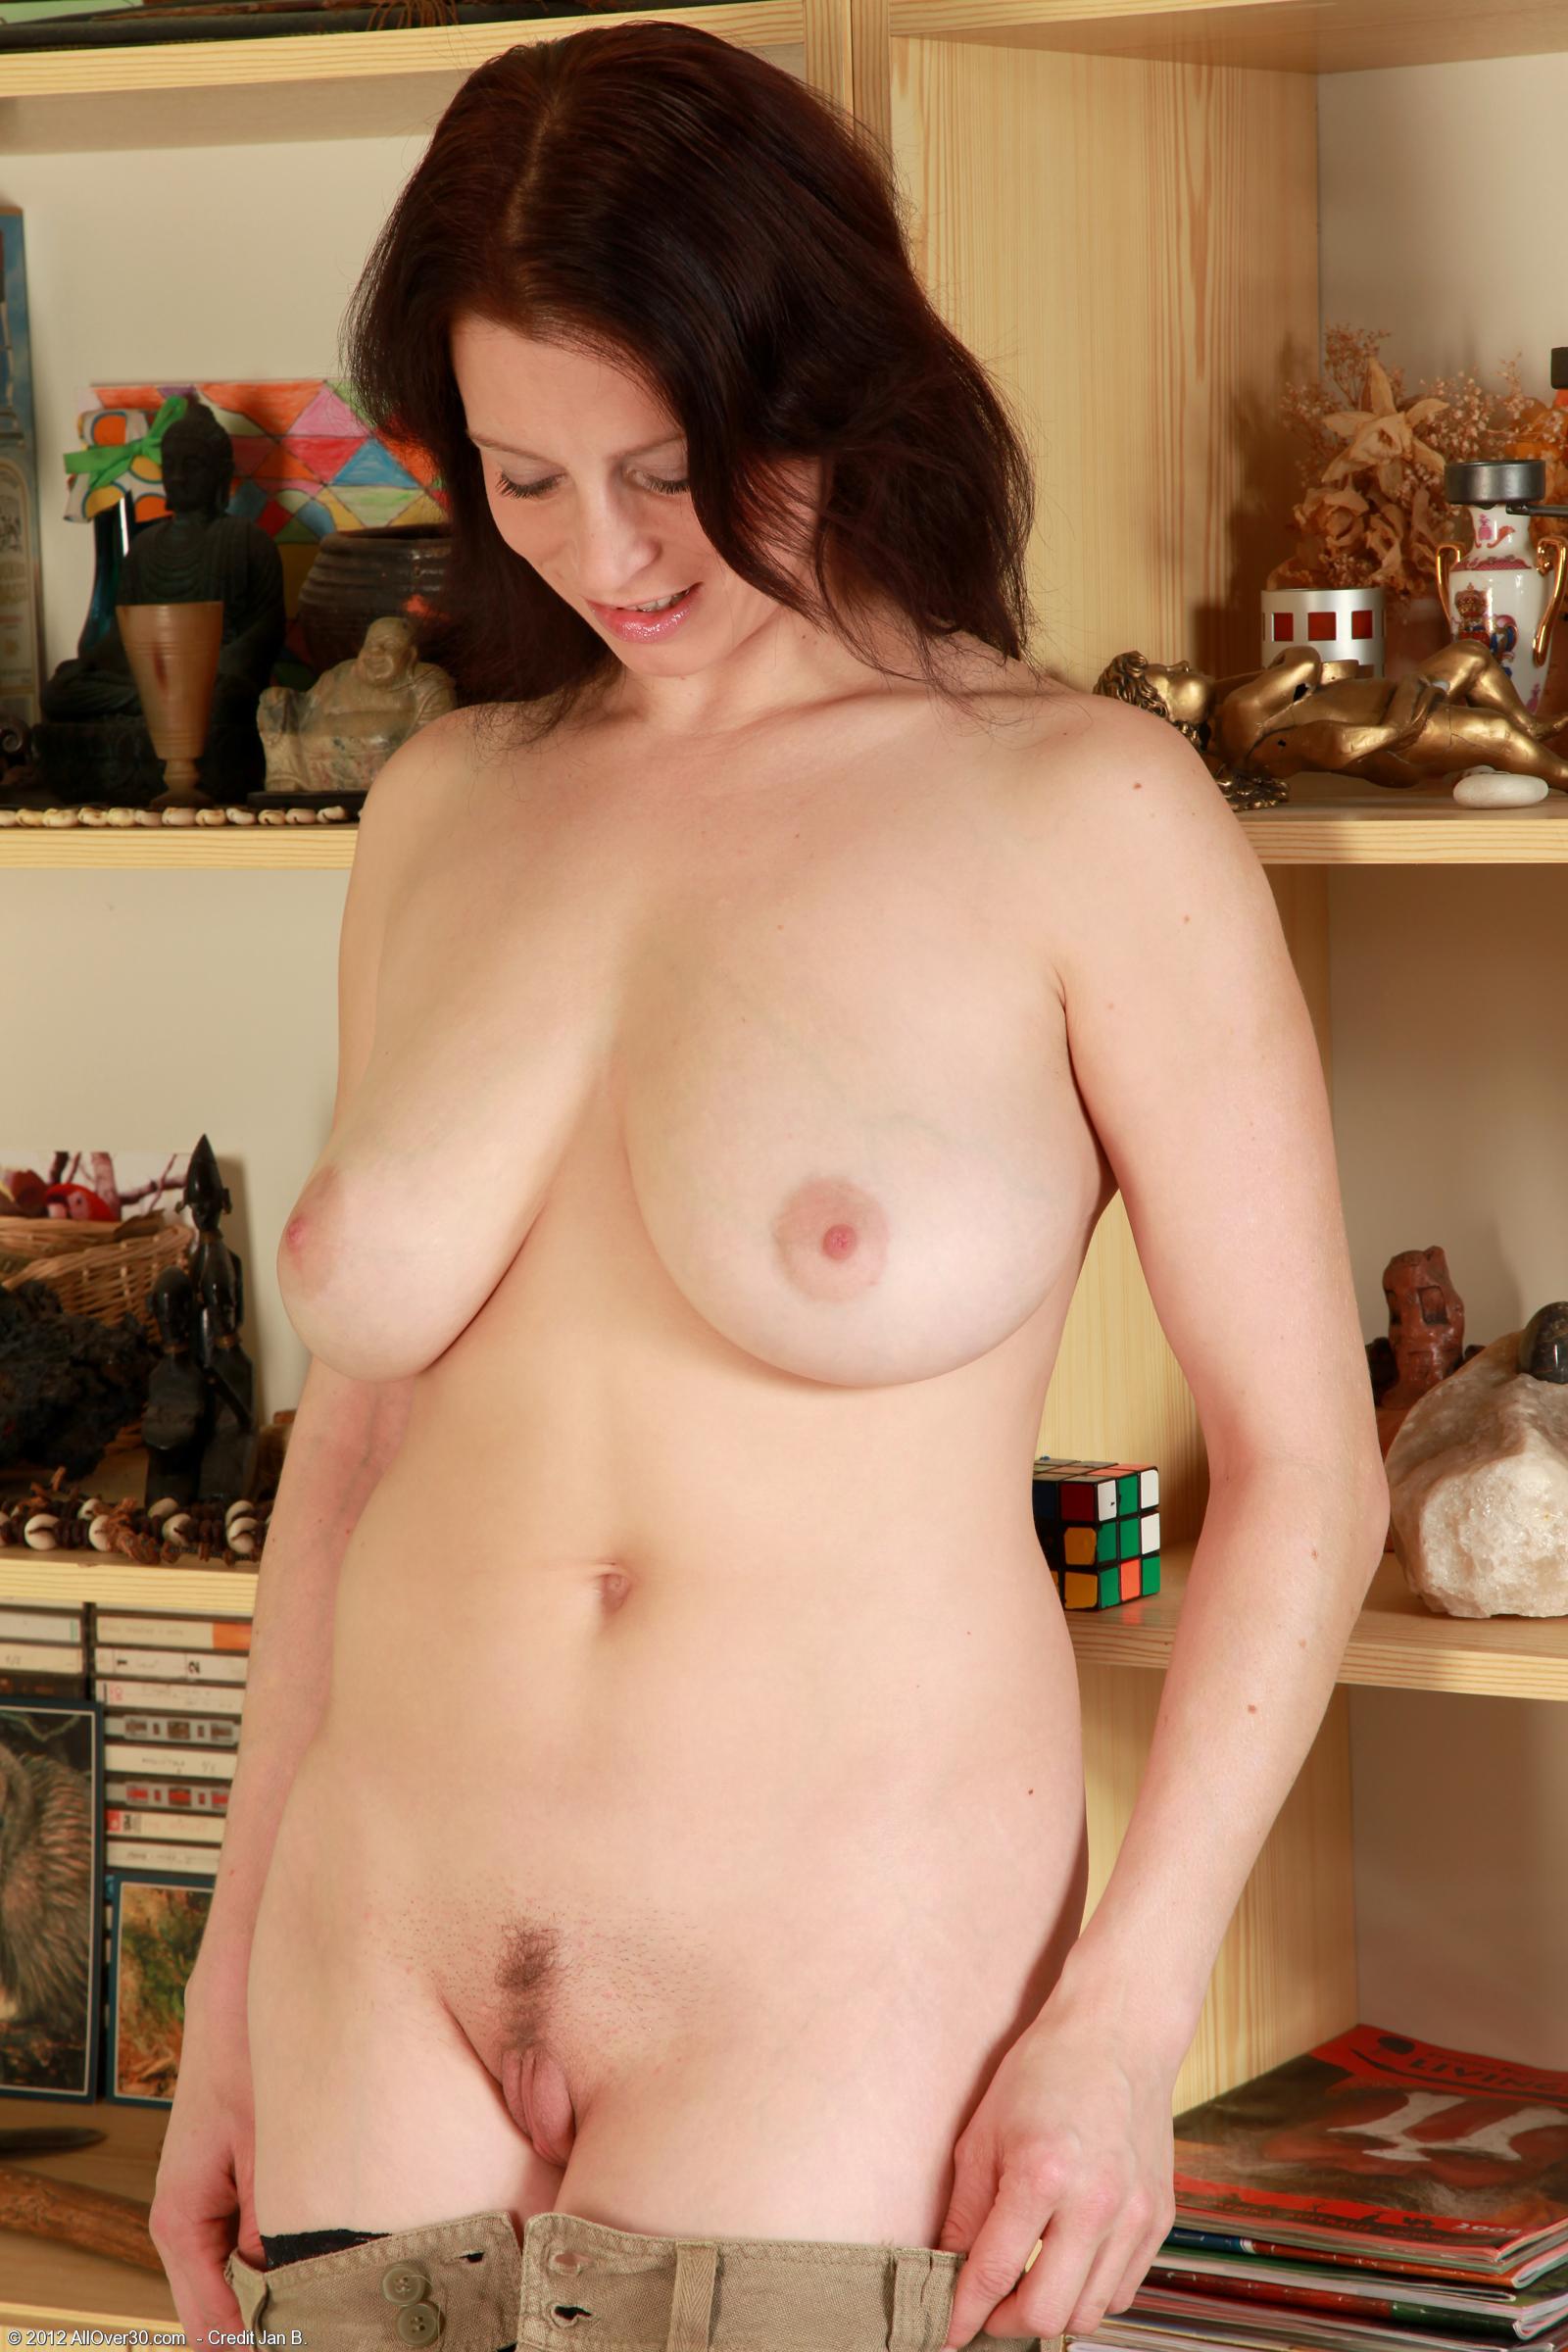 Фото мамашши голые на кухни 8 фотография